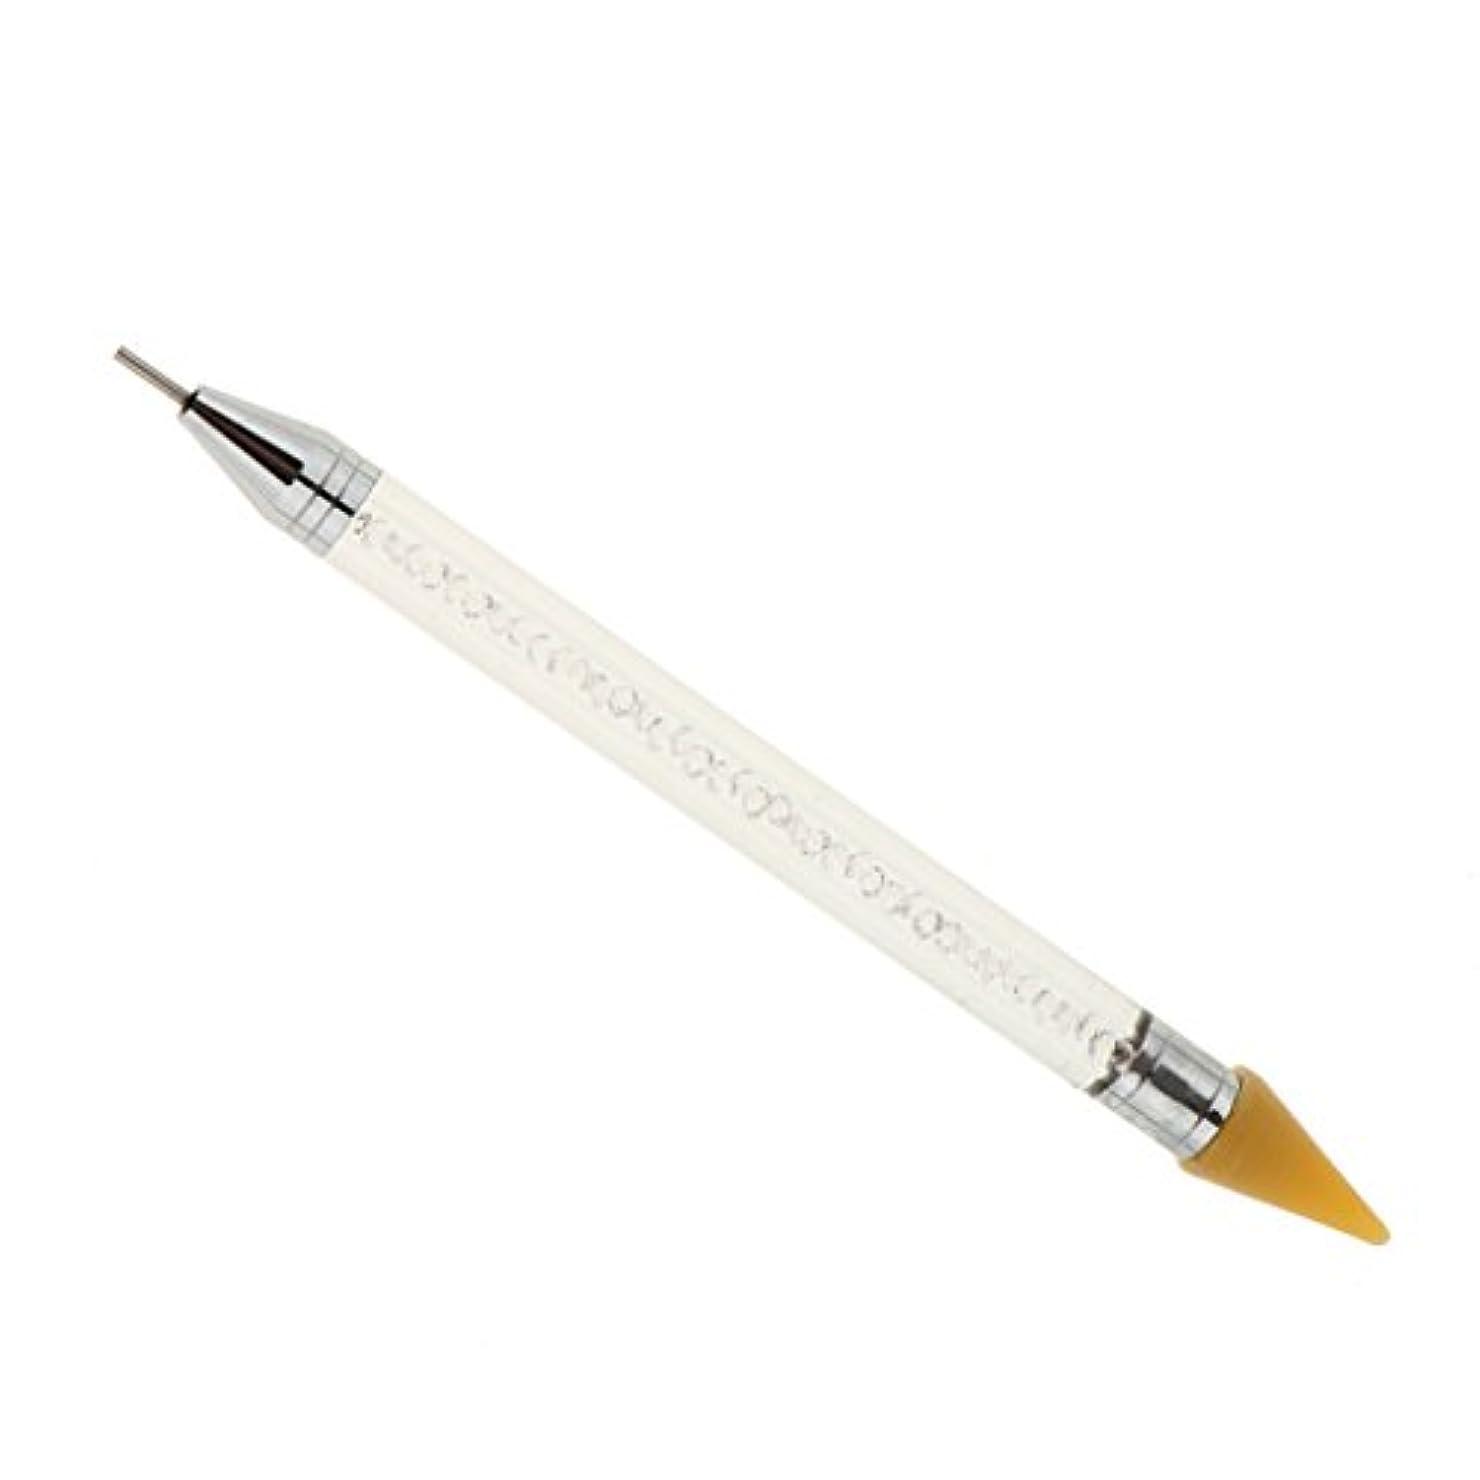 顔料ローブ負担ワックスペンシルマニキュアネイルアートツールのためのデュアルエンドドットペン